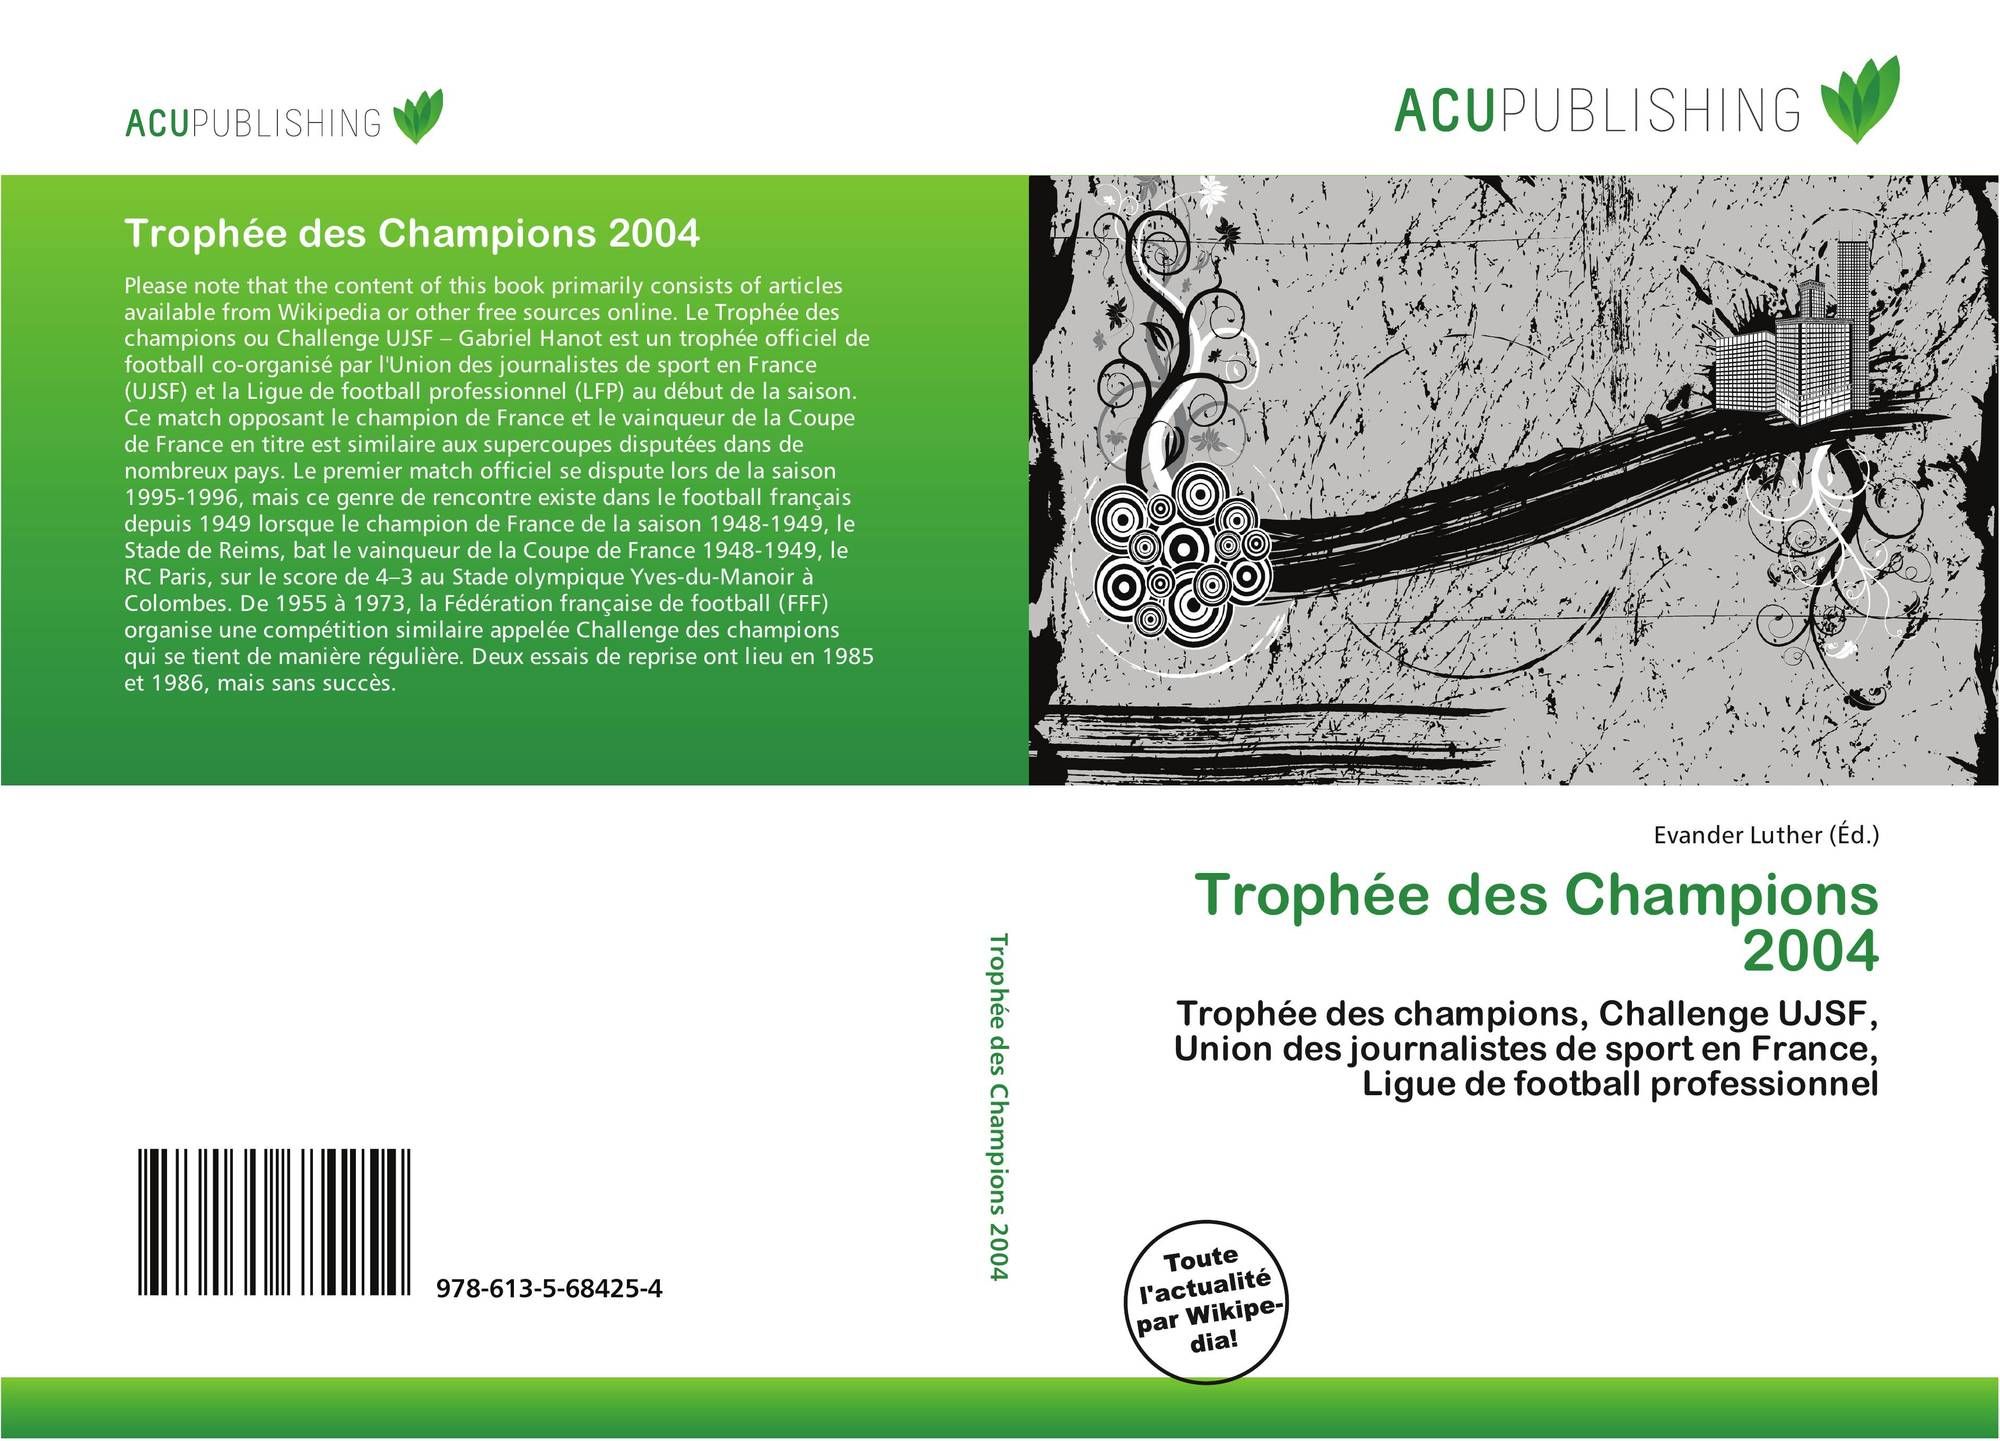 Trophée des Champions 2004, 978-613-5-68425-4, 6135684256 ...